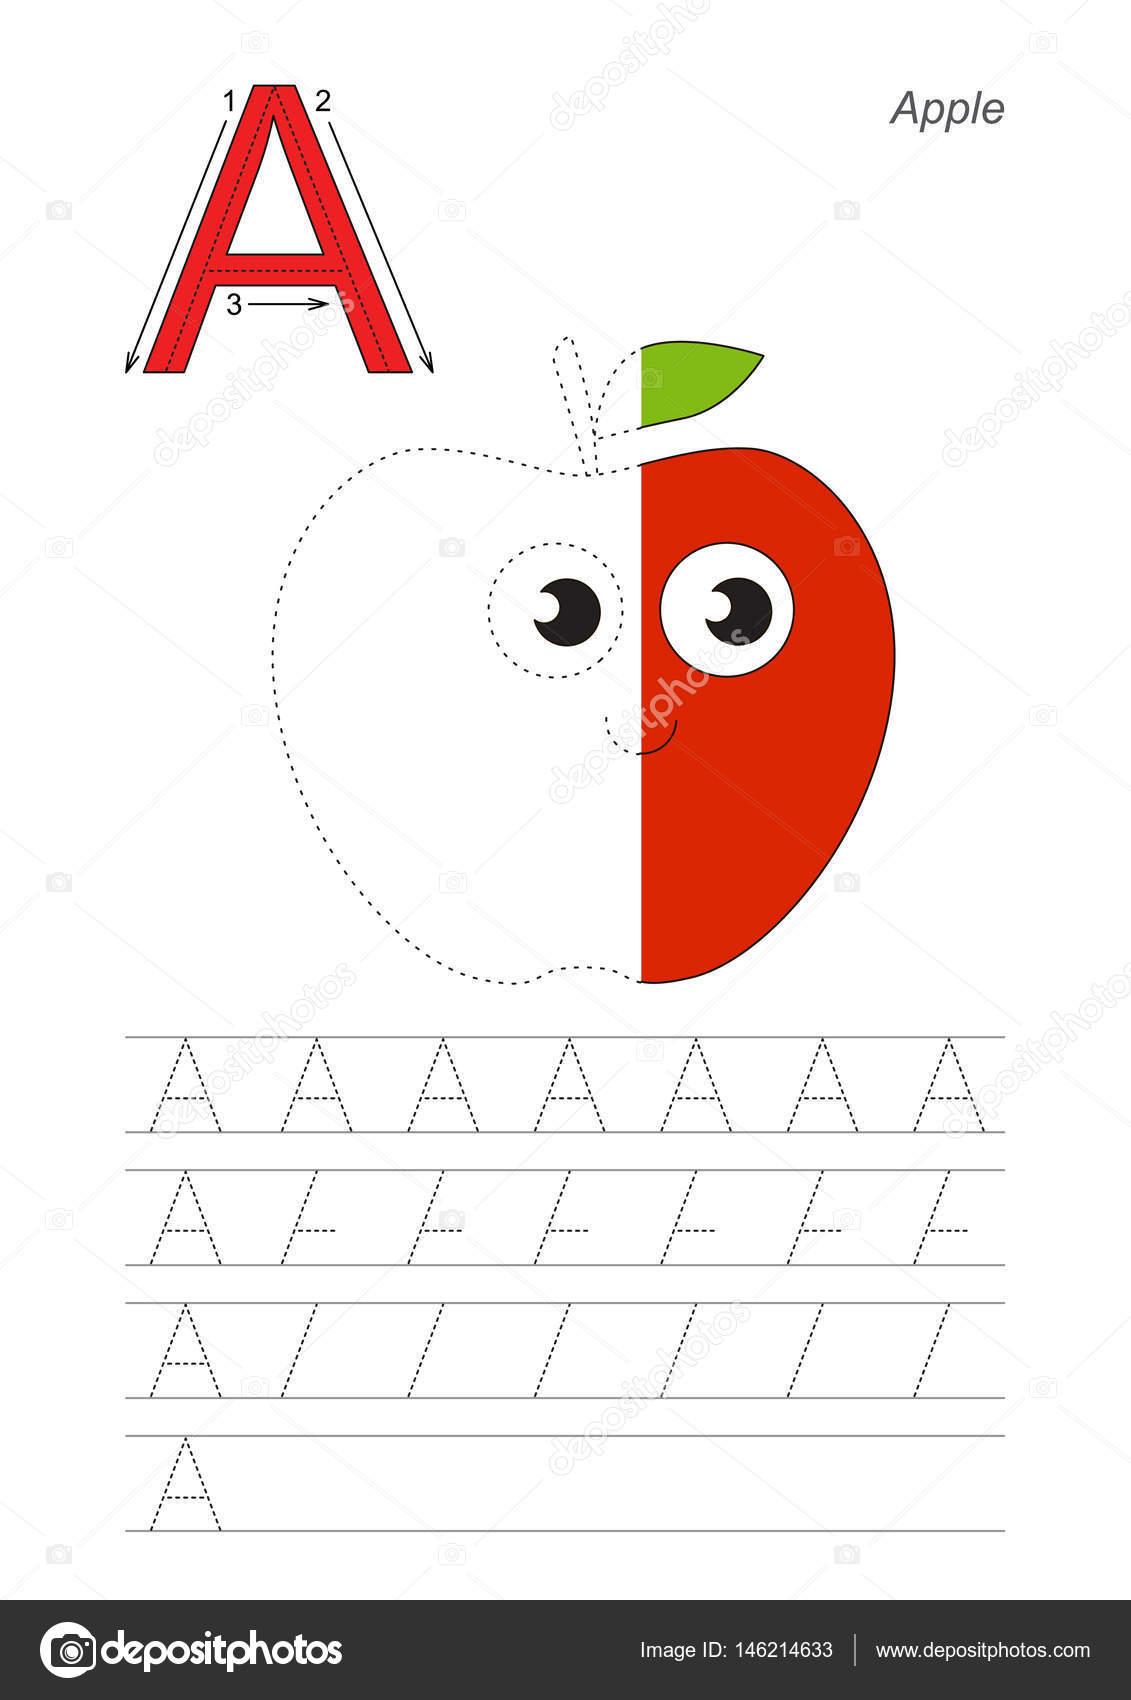 Juego para letra apple A. divertido medio rastro — Archivo Imágenes ...